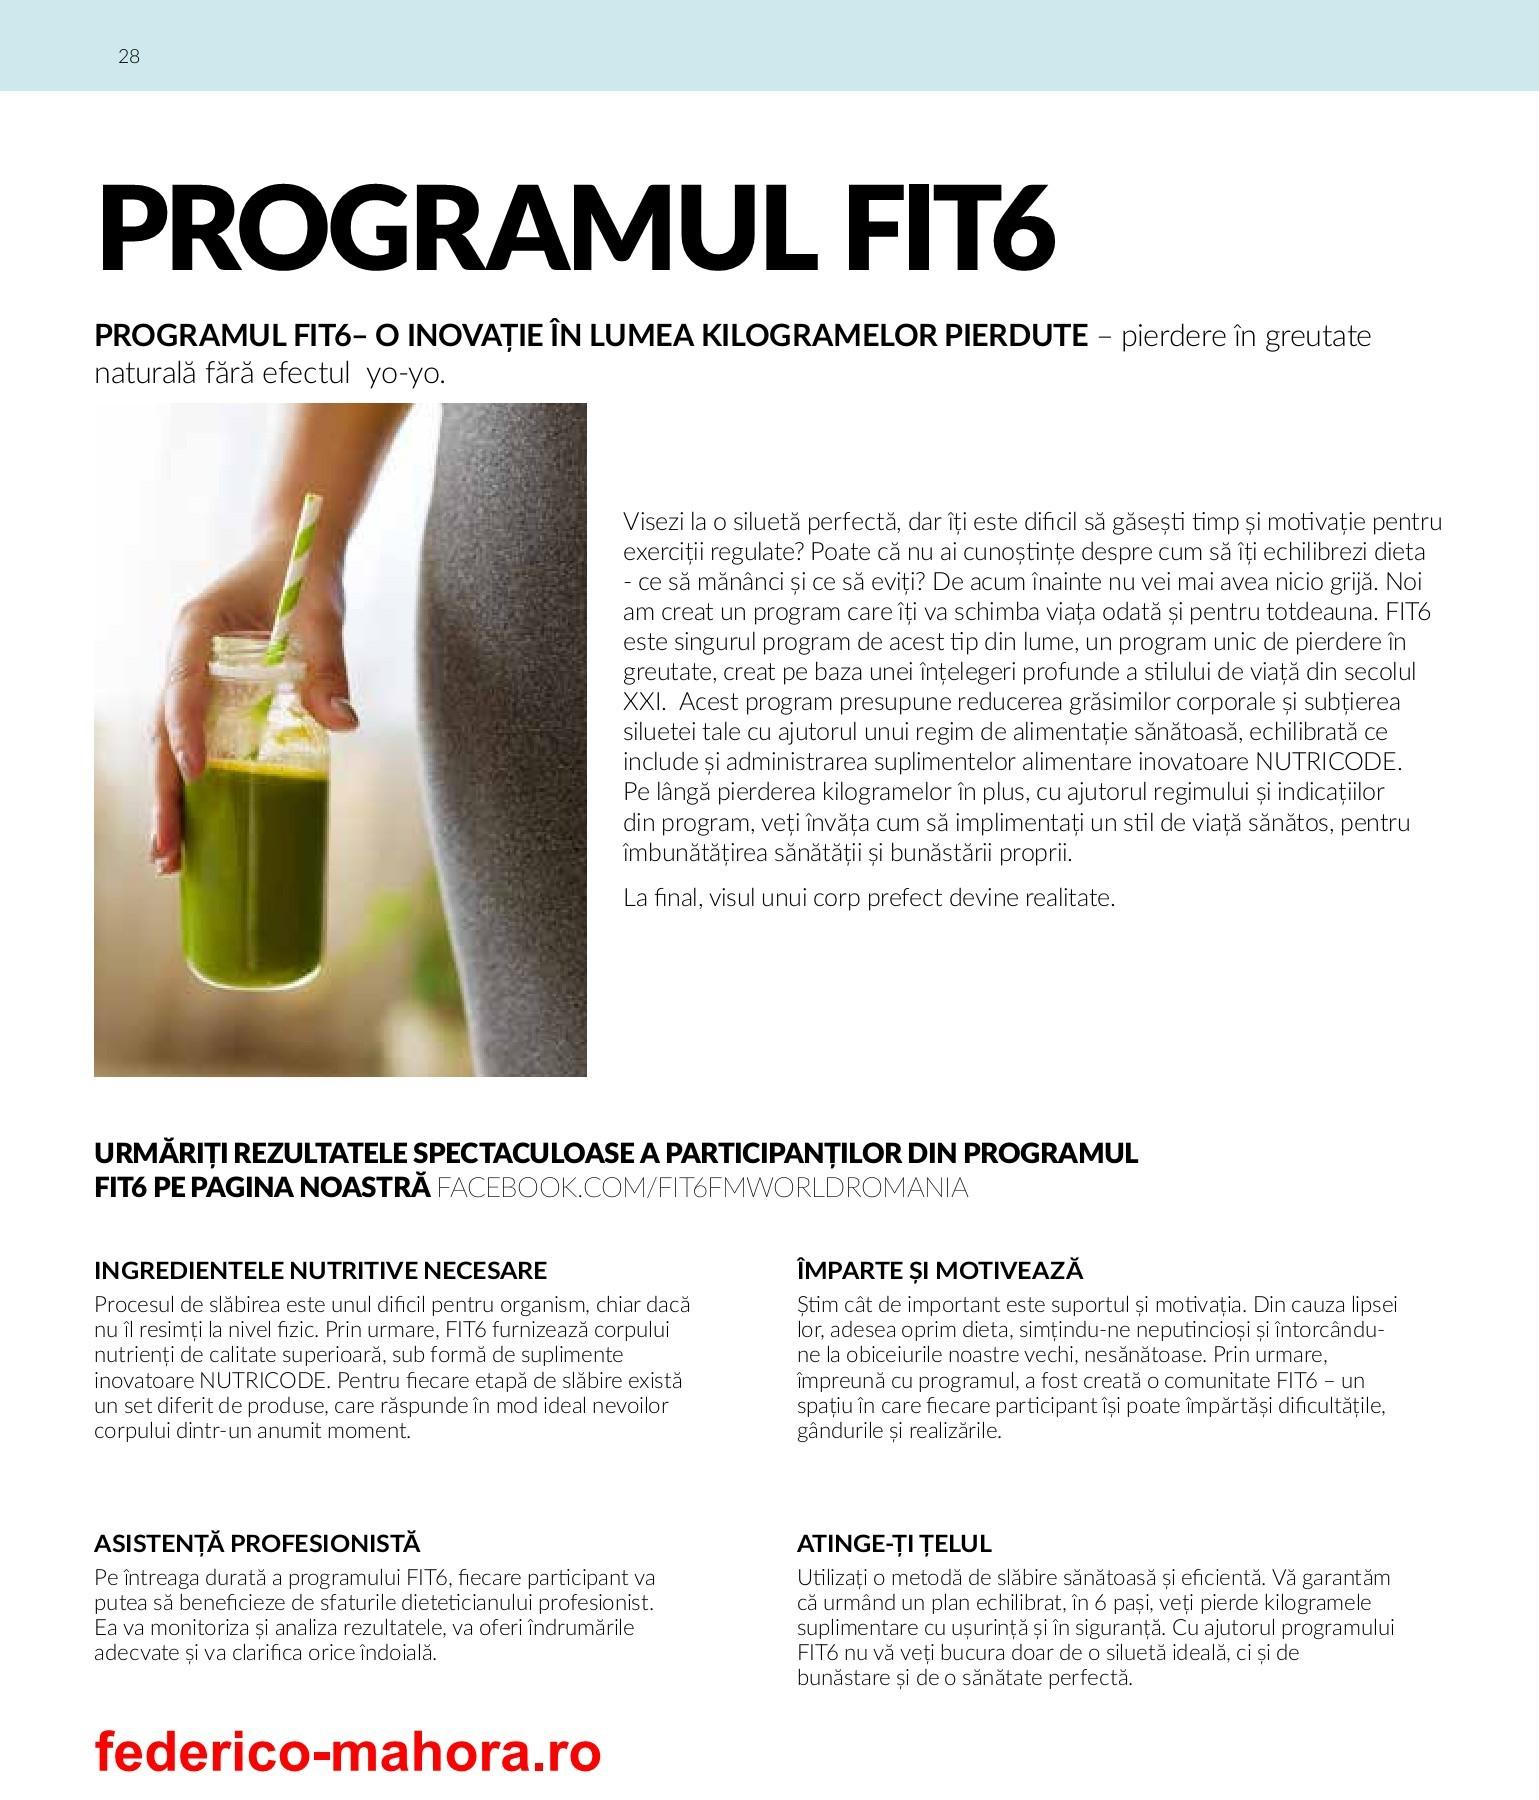 băutură din pierderea în greutate intensifică metabolismul